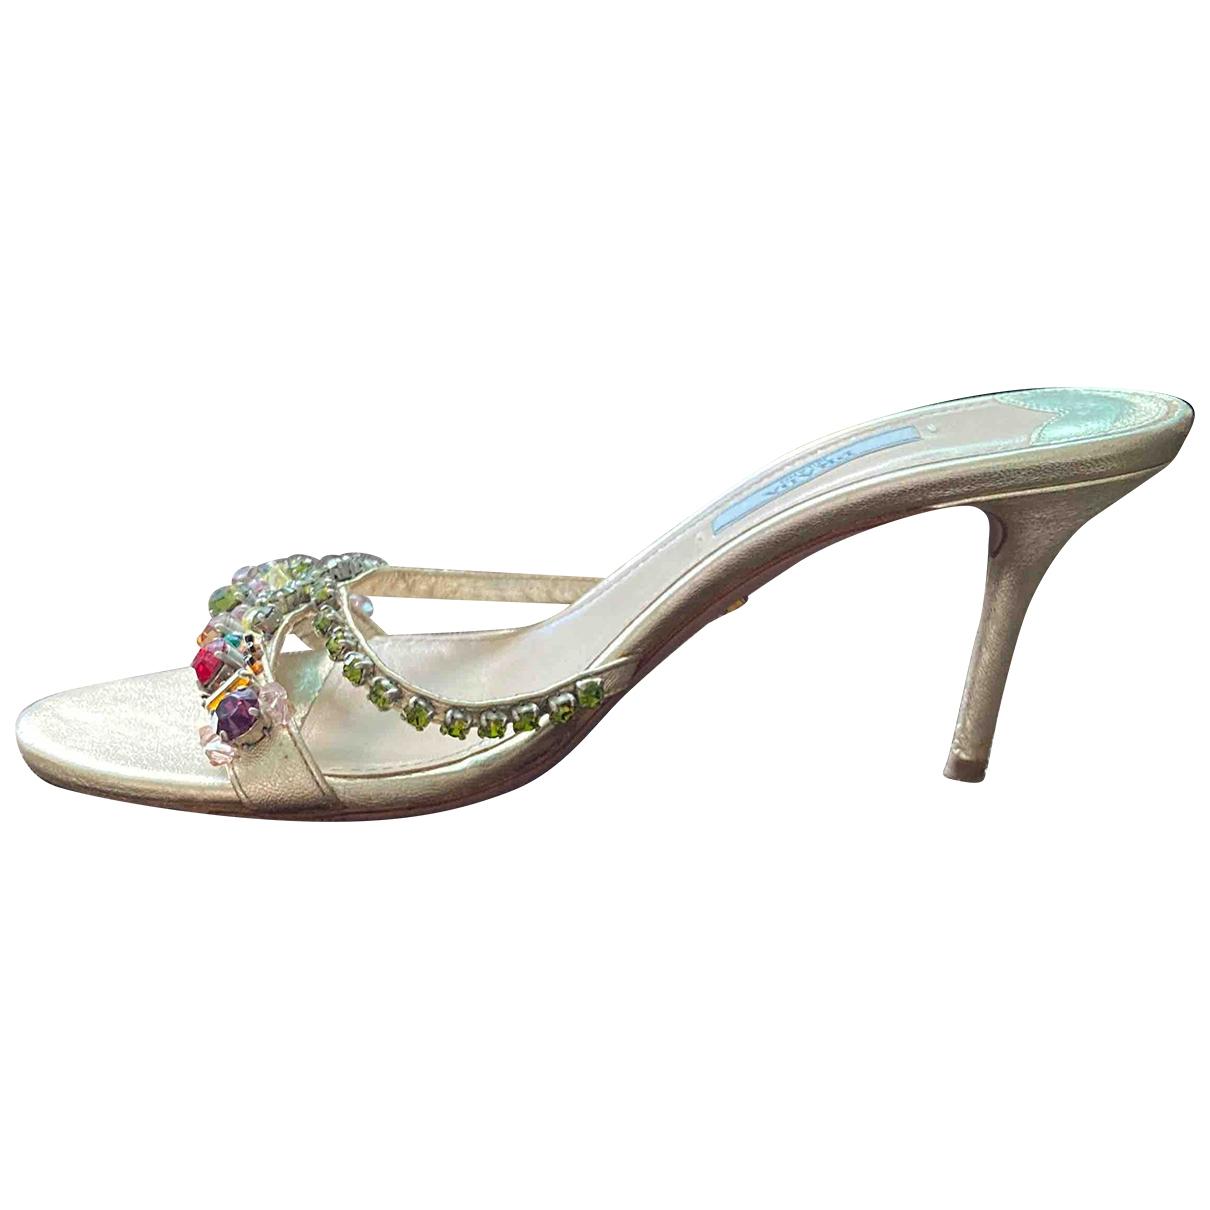 Prada - Sandales   pour femme en a paillettes - multicolore